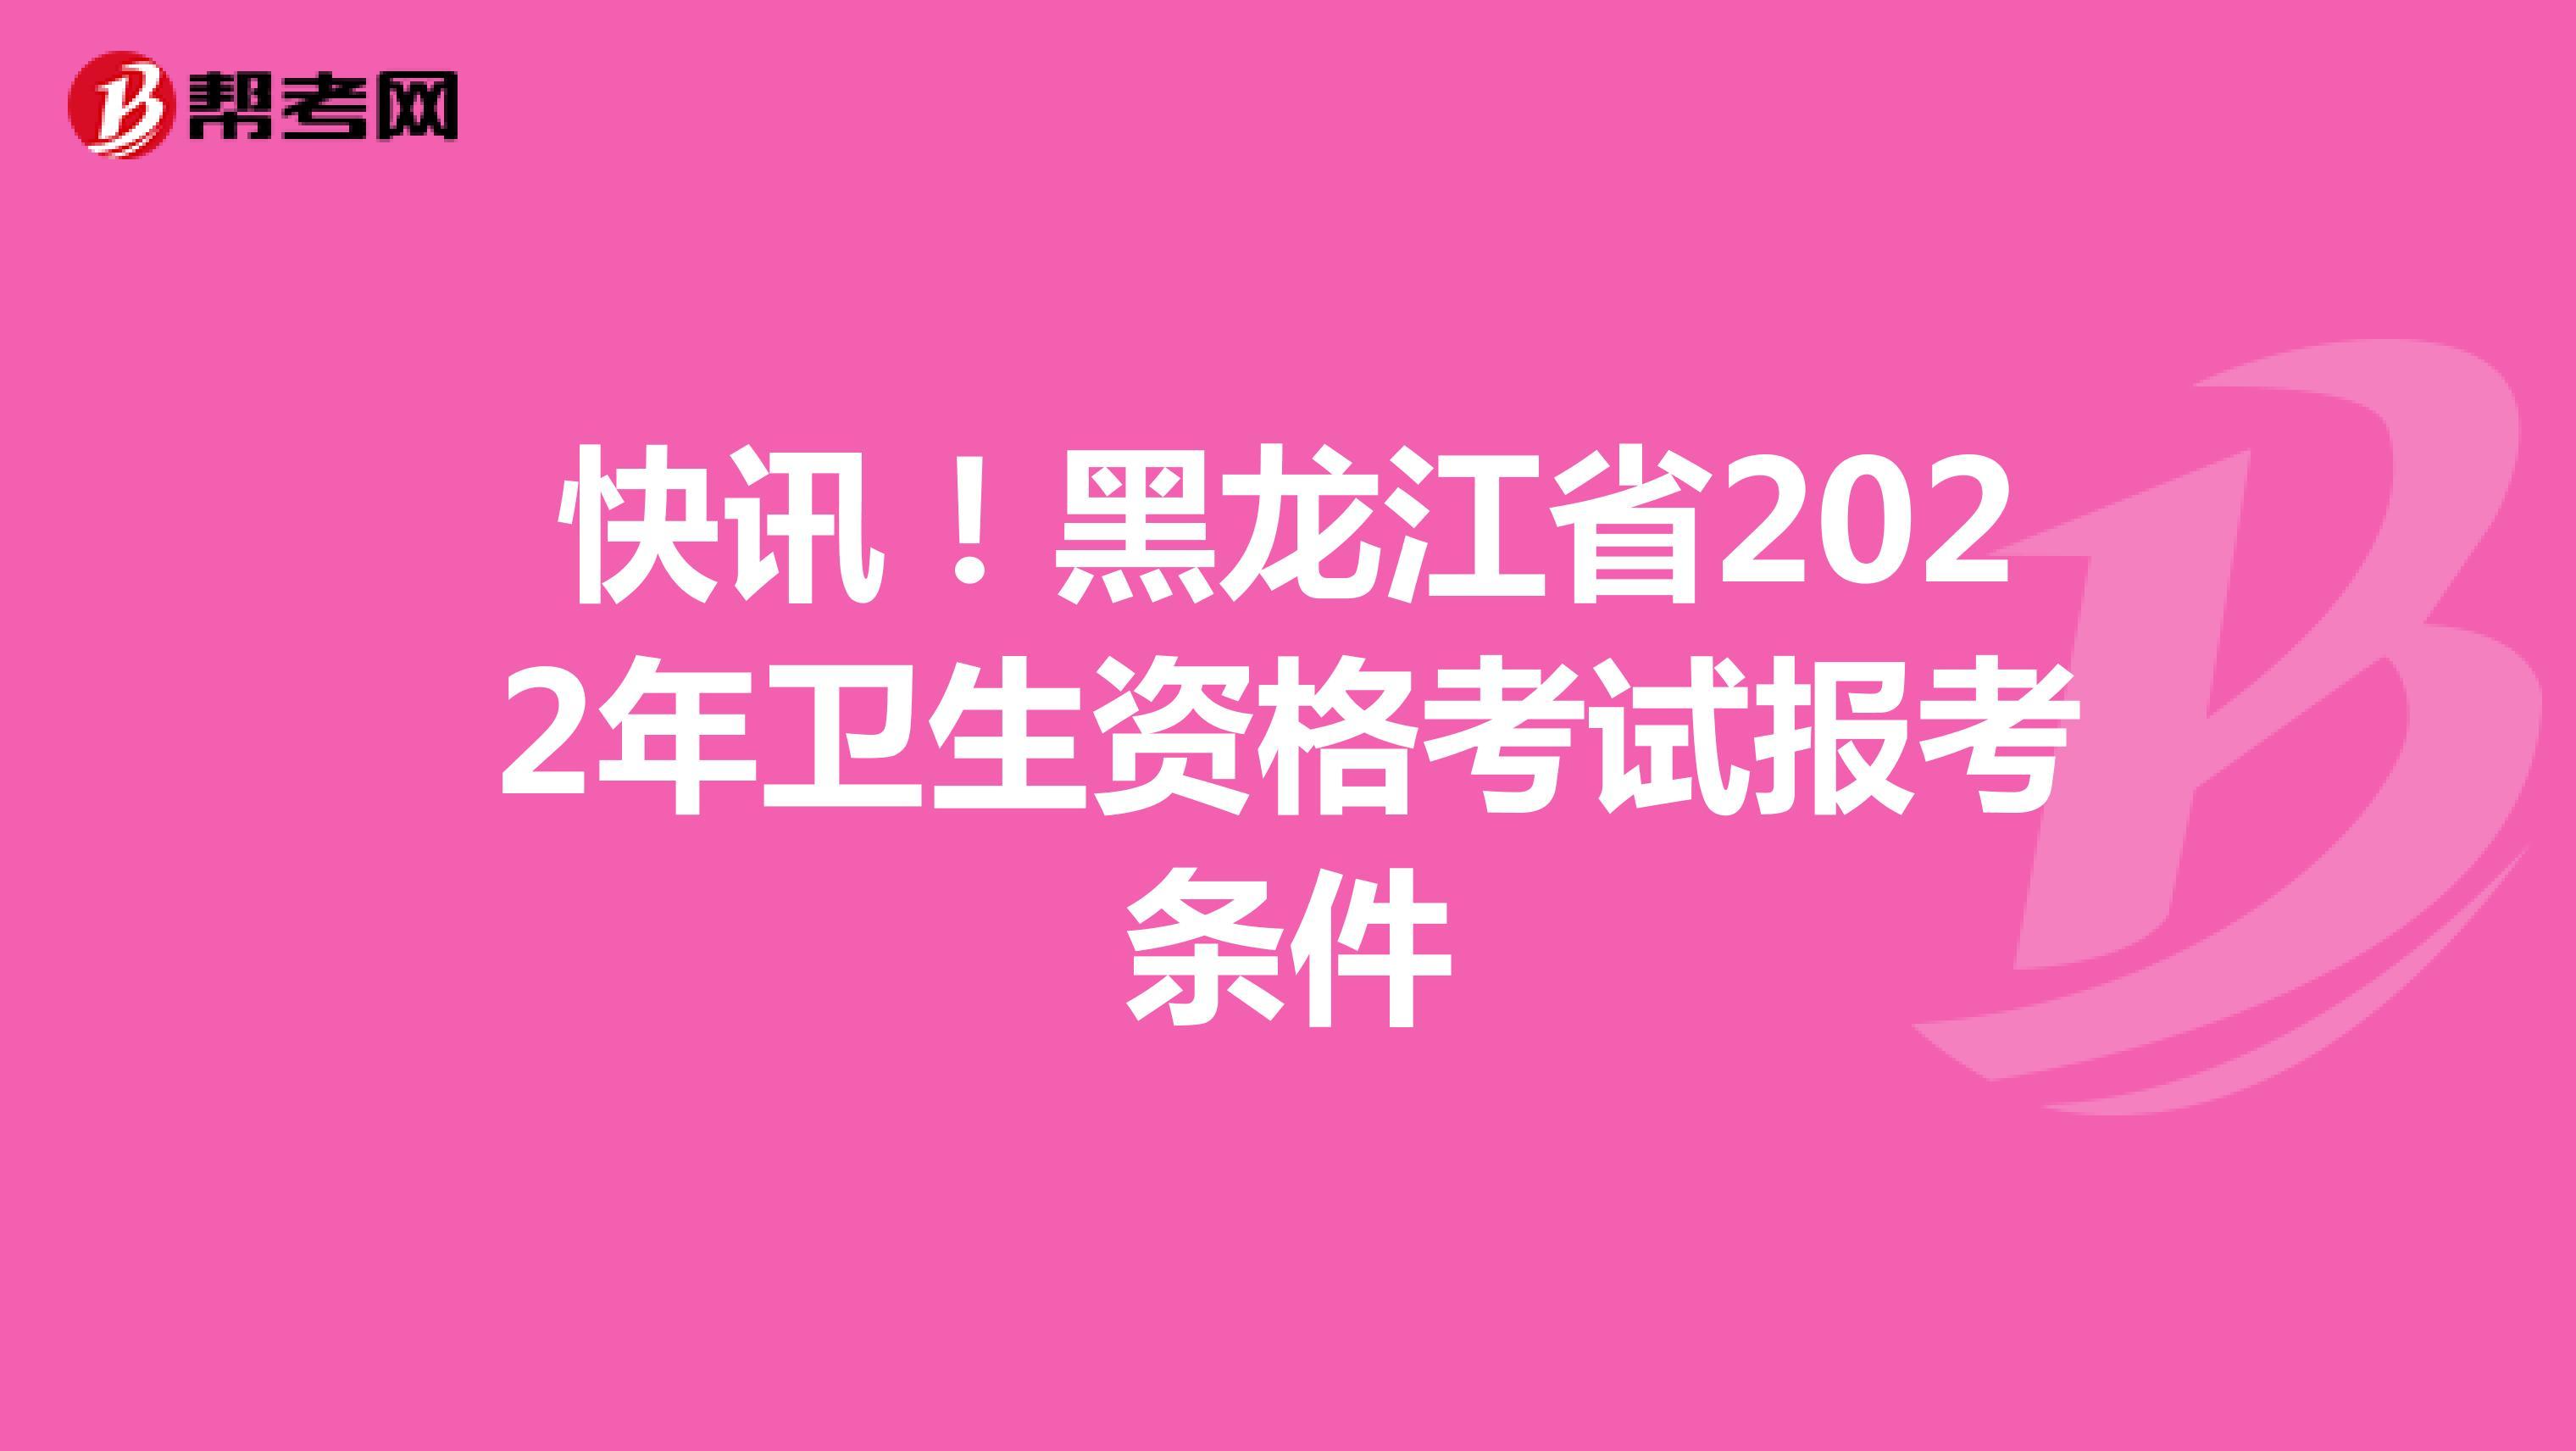 快讯!黑龙江省2022年卫生资格考试报考条件